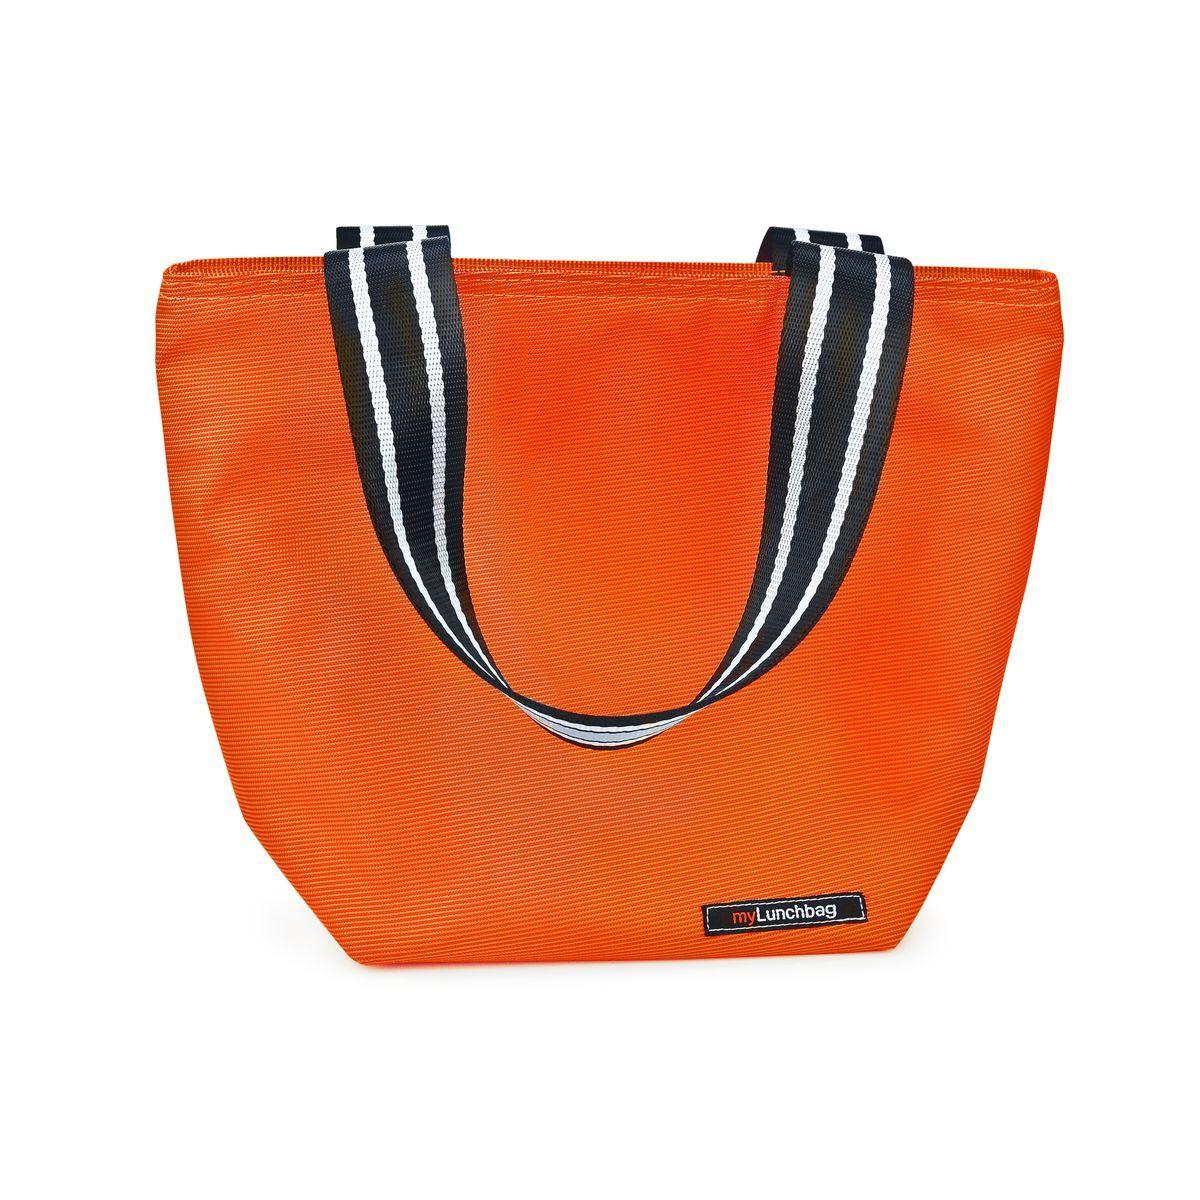 Термосумка для ланч-бокса Iris Barcelona Tote MyLunchbag, цвет: оранжевыйVT-1520(SR)Термосумка для ланч-бокса Iris Barcelona Tote MyLunchbag выполнена из полиэстера.Она отлично сохраняет свежесть и вкус продукта на несколько часов. Очень полезна маме в уходе за детьми. Пригодится везде: на прогулке, на работе, учебе и т.д. С ней легко справится даже ребенок.Легко складывается до небольших размеров. Присутствует удобный кармашек для аксессуаров.Рекомендуется регулярно стирать вручную в теплой воде с мылом.